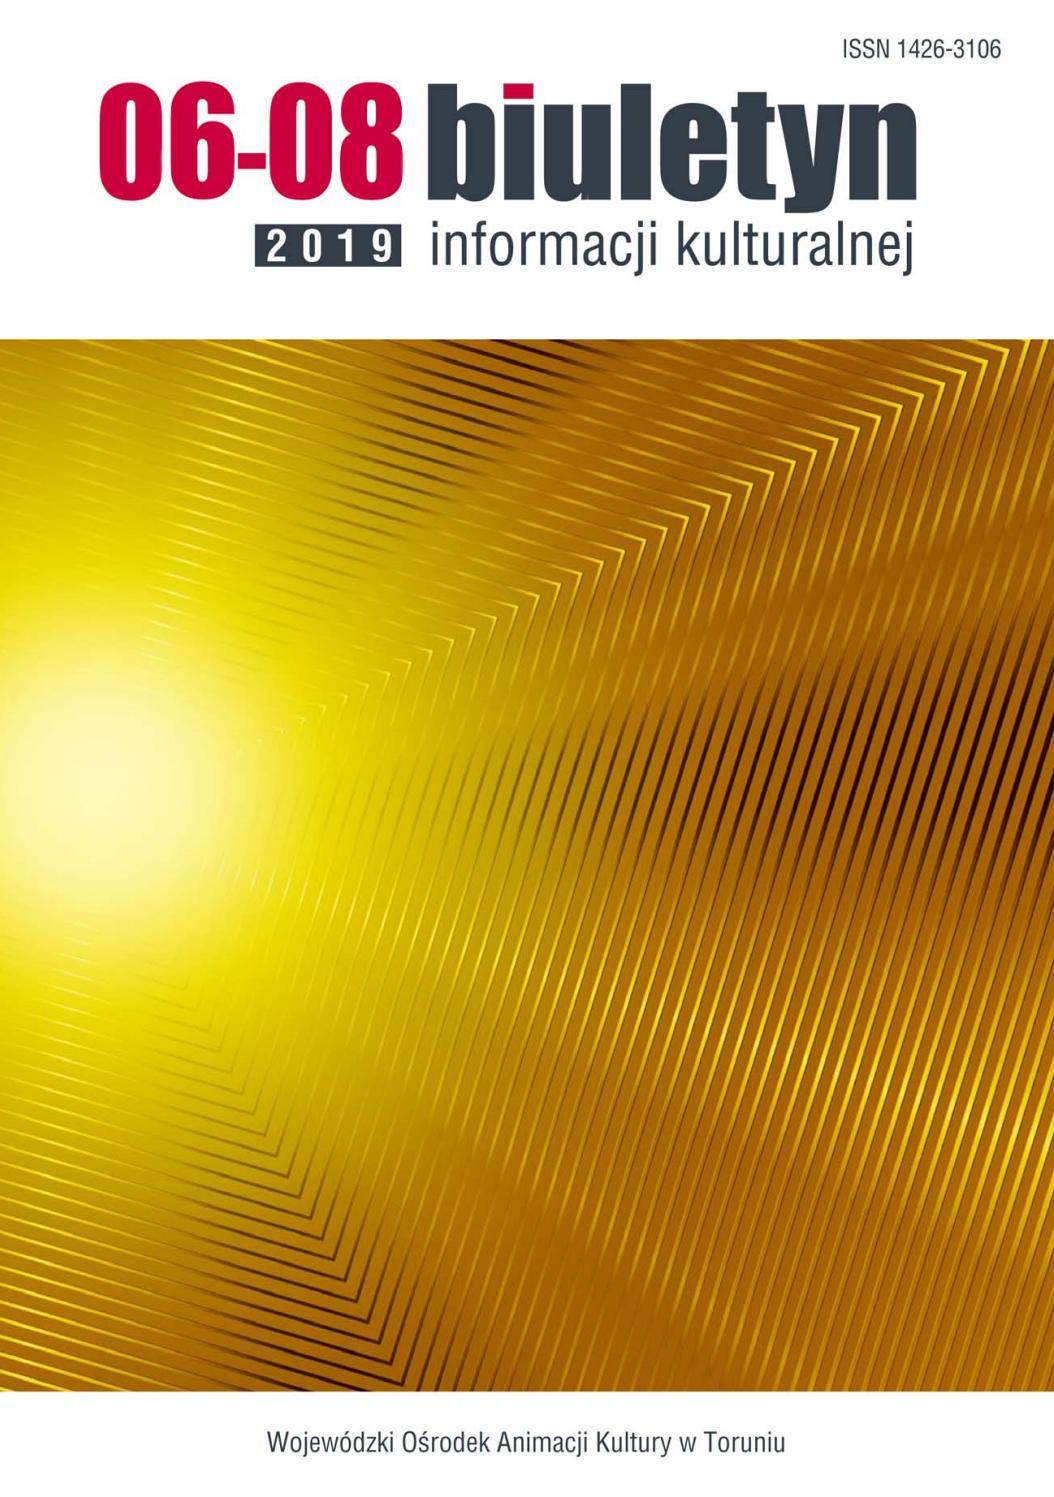 Biuletyn Informacji Kulturalnej 6 82019 By Wojewódzki